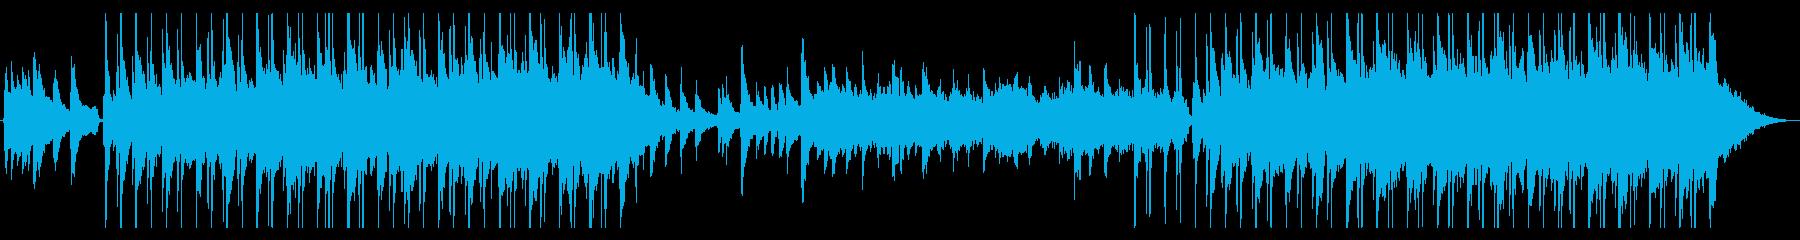 俯瞰で眺める様なサイケで幻想的な楽曲の再生済みの波形